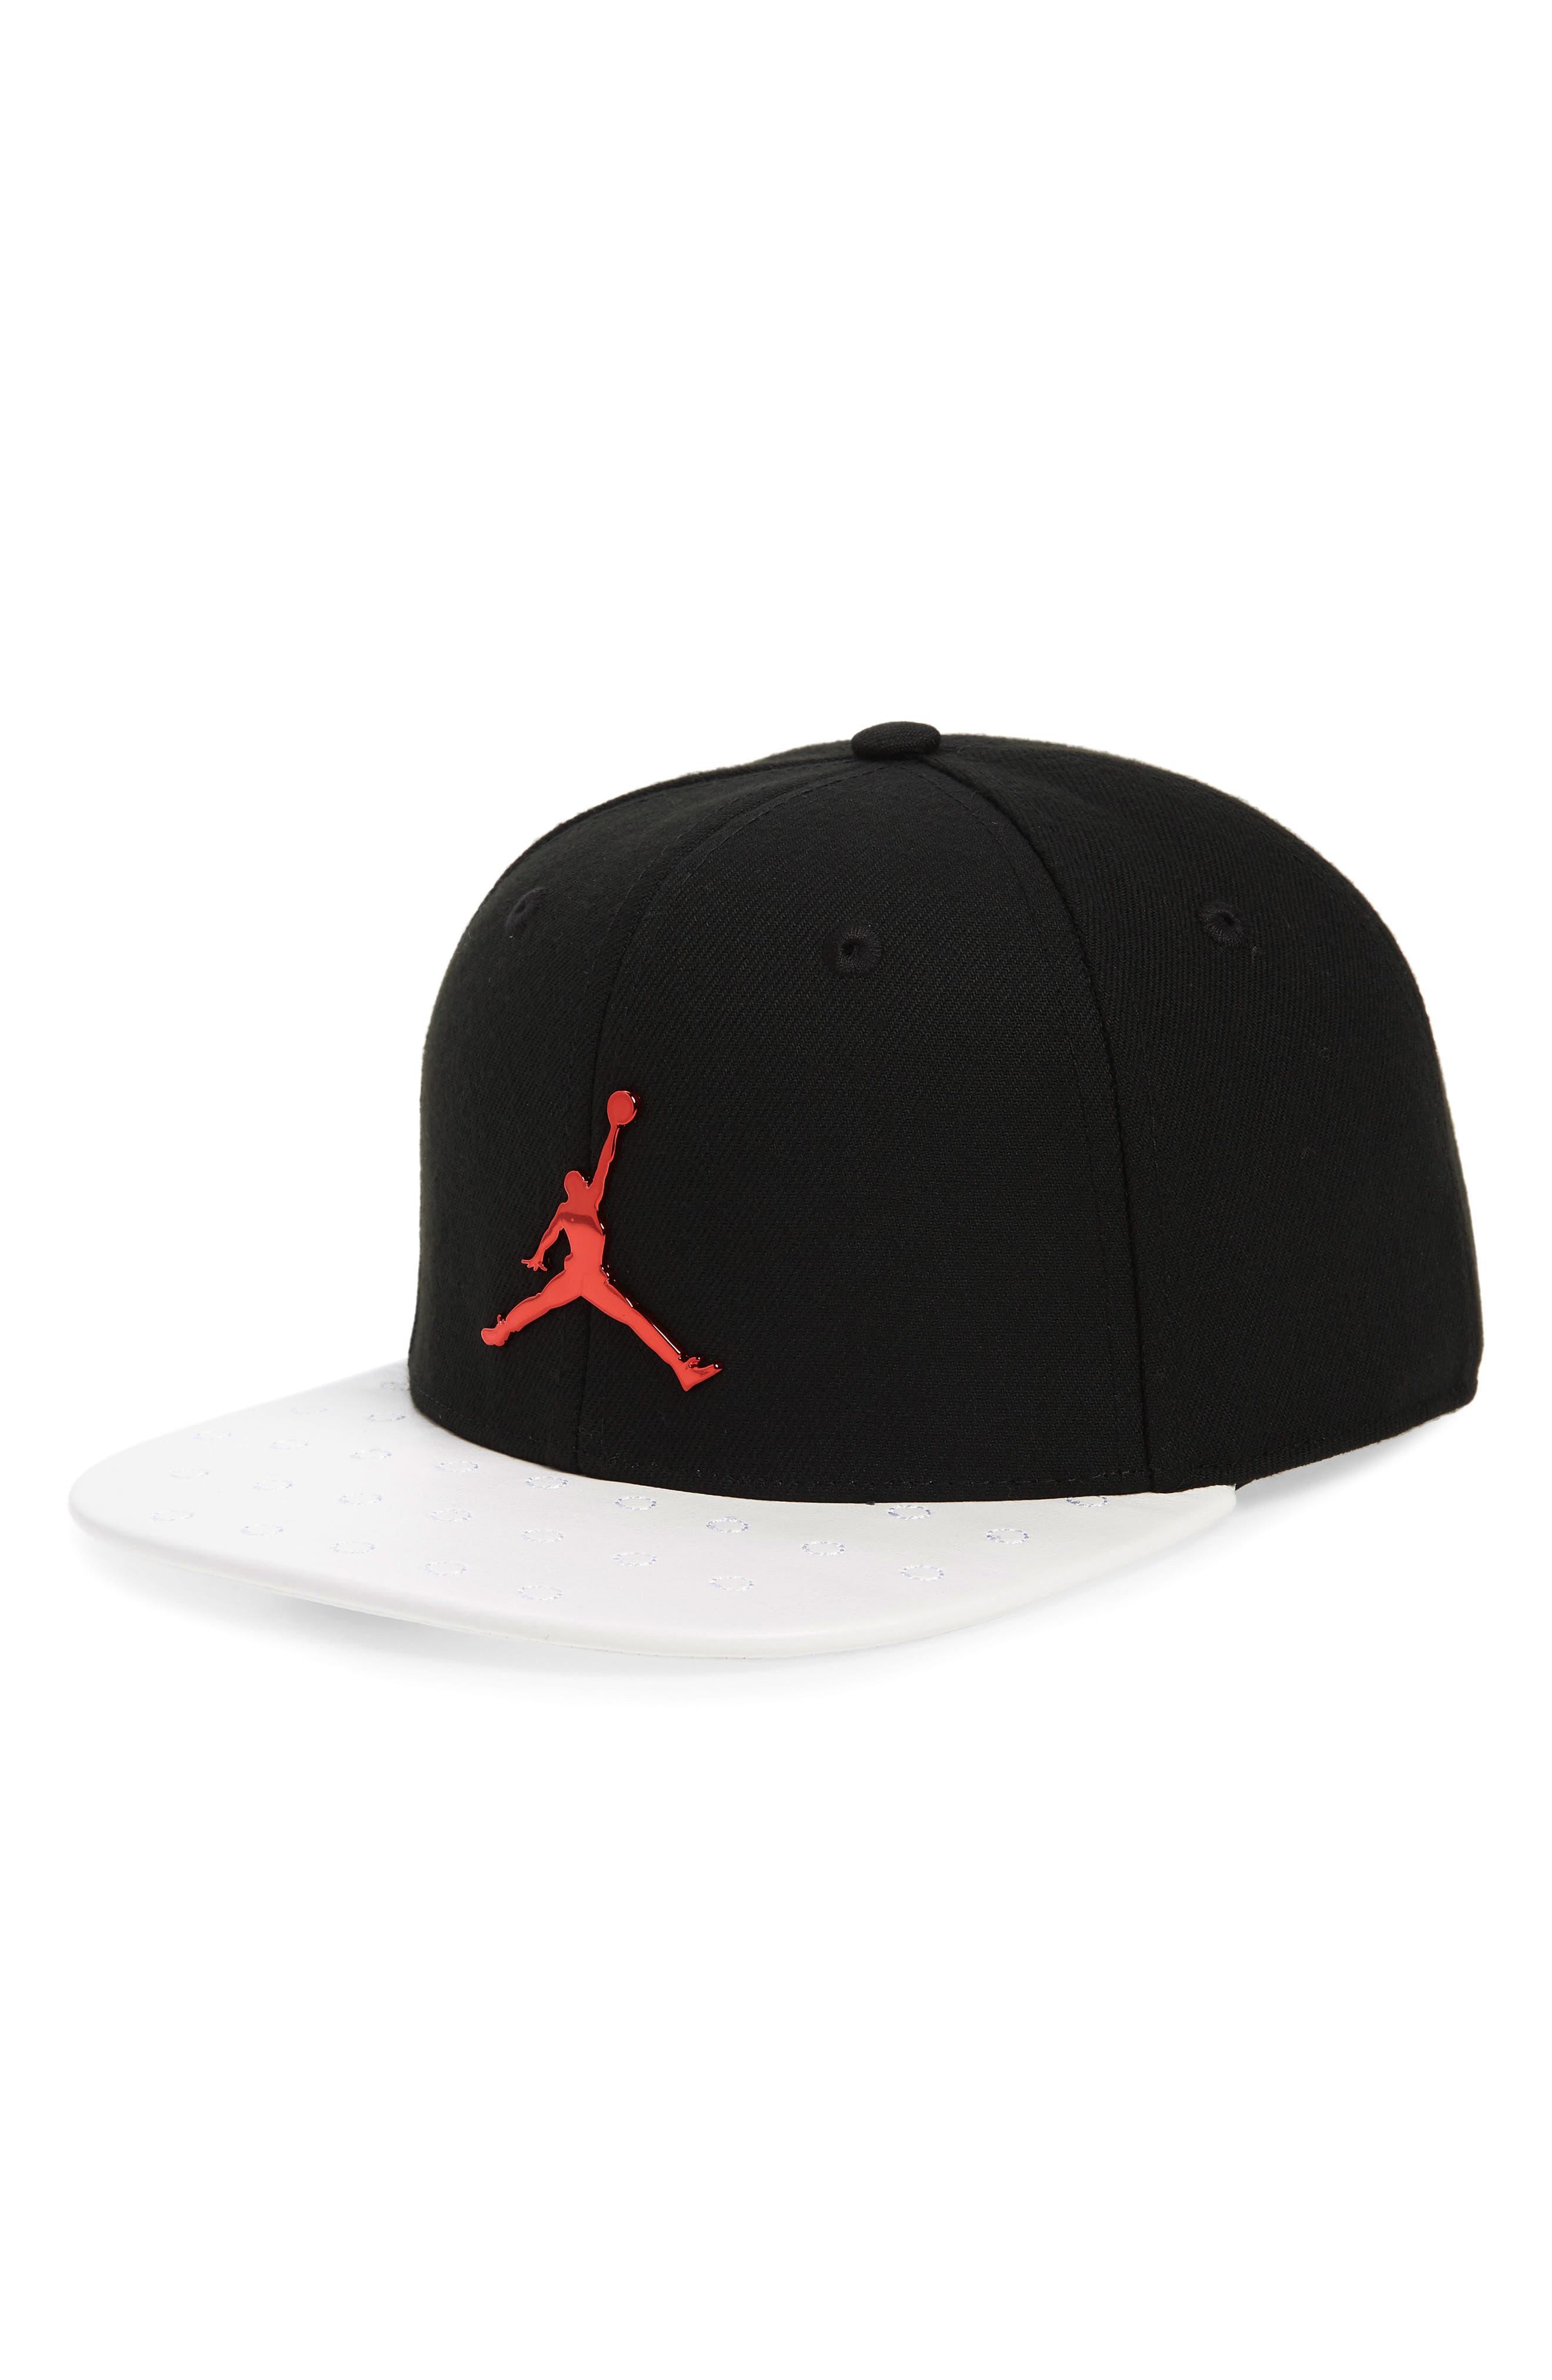 Jordan Retro 13 Snapback Baseball Cap,                             Main thumbnail 1, color,                             BLACK/ WHITE